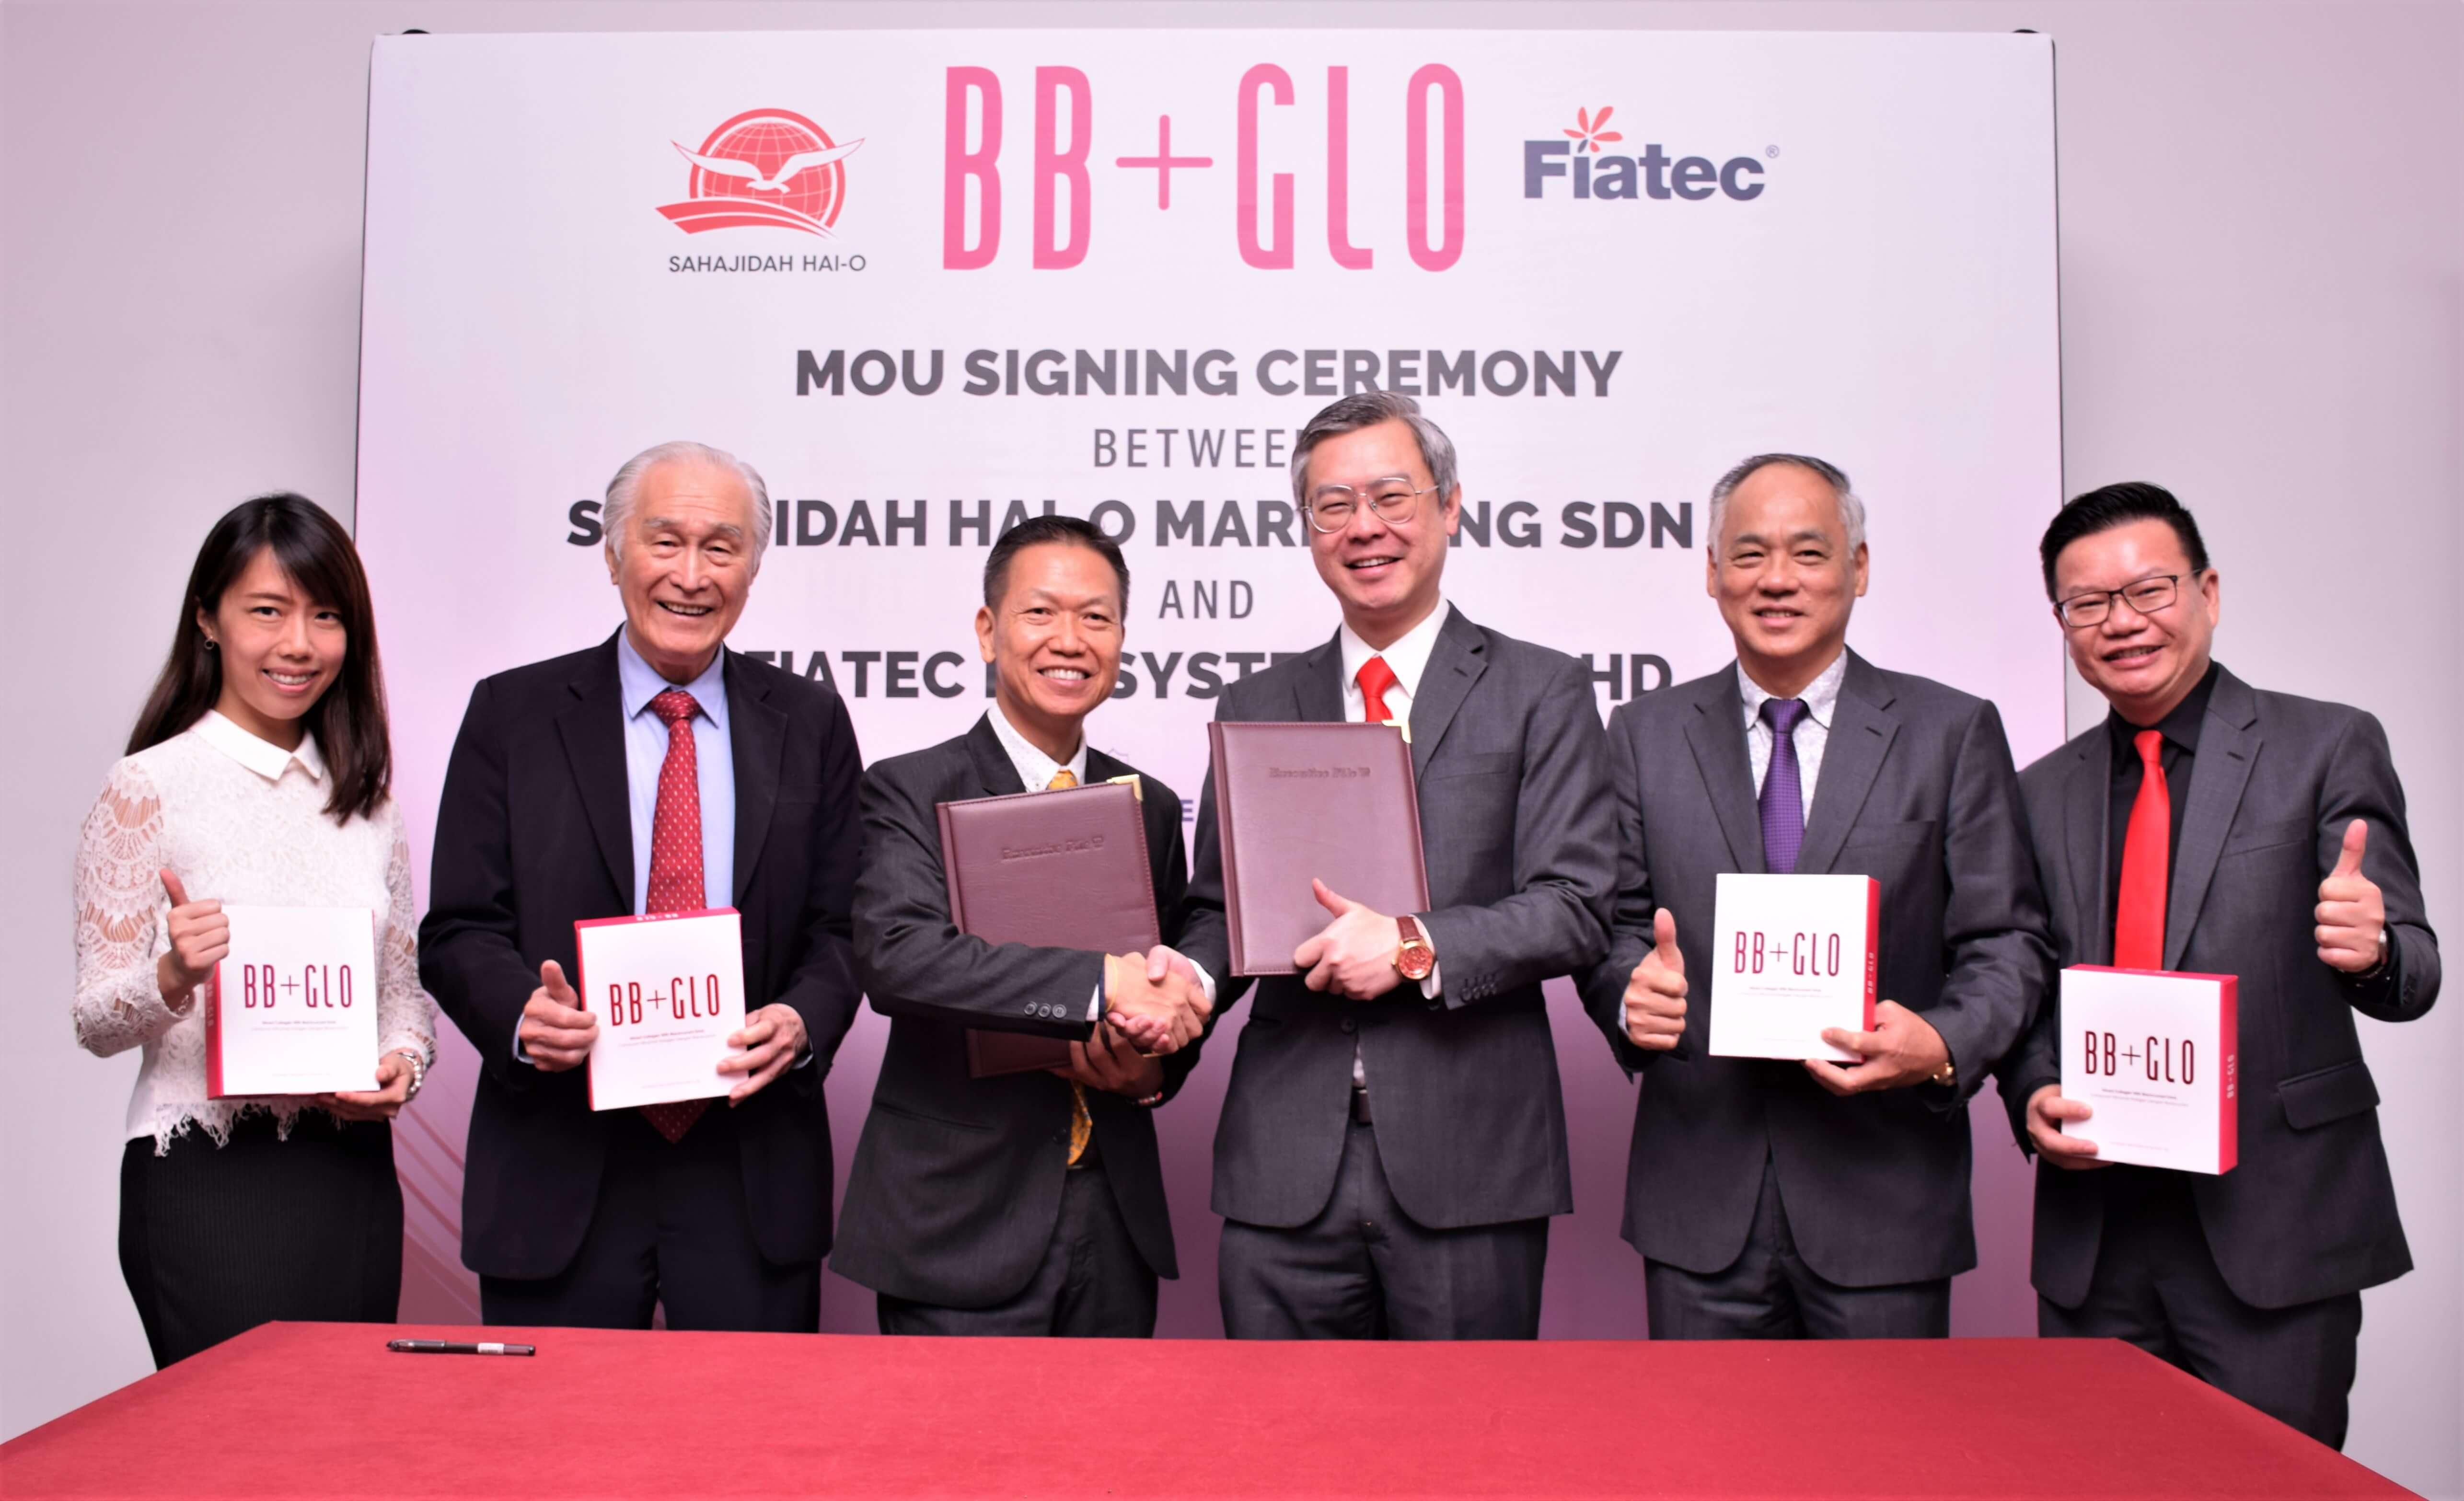 Sahajidah Hai-O Marketing memeterai perjanjian dengan pengeluar terkemuka fiatech biosystem untuk minuman kolagen BB+GLO